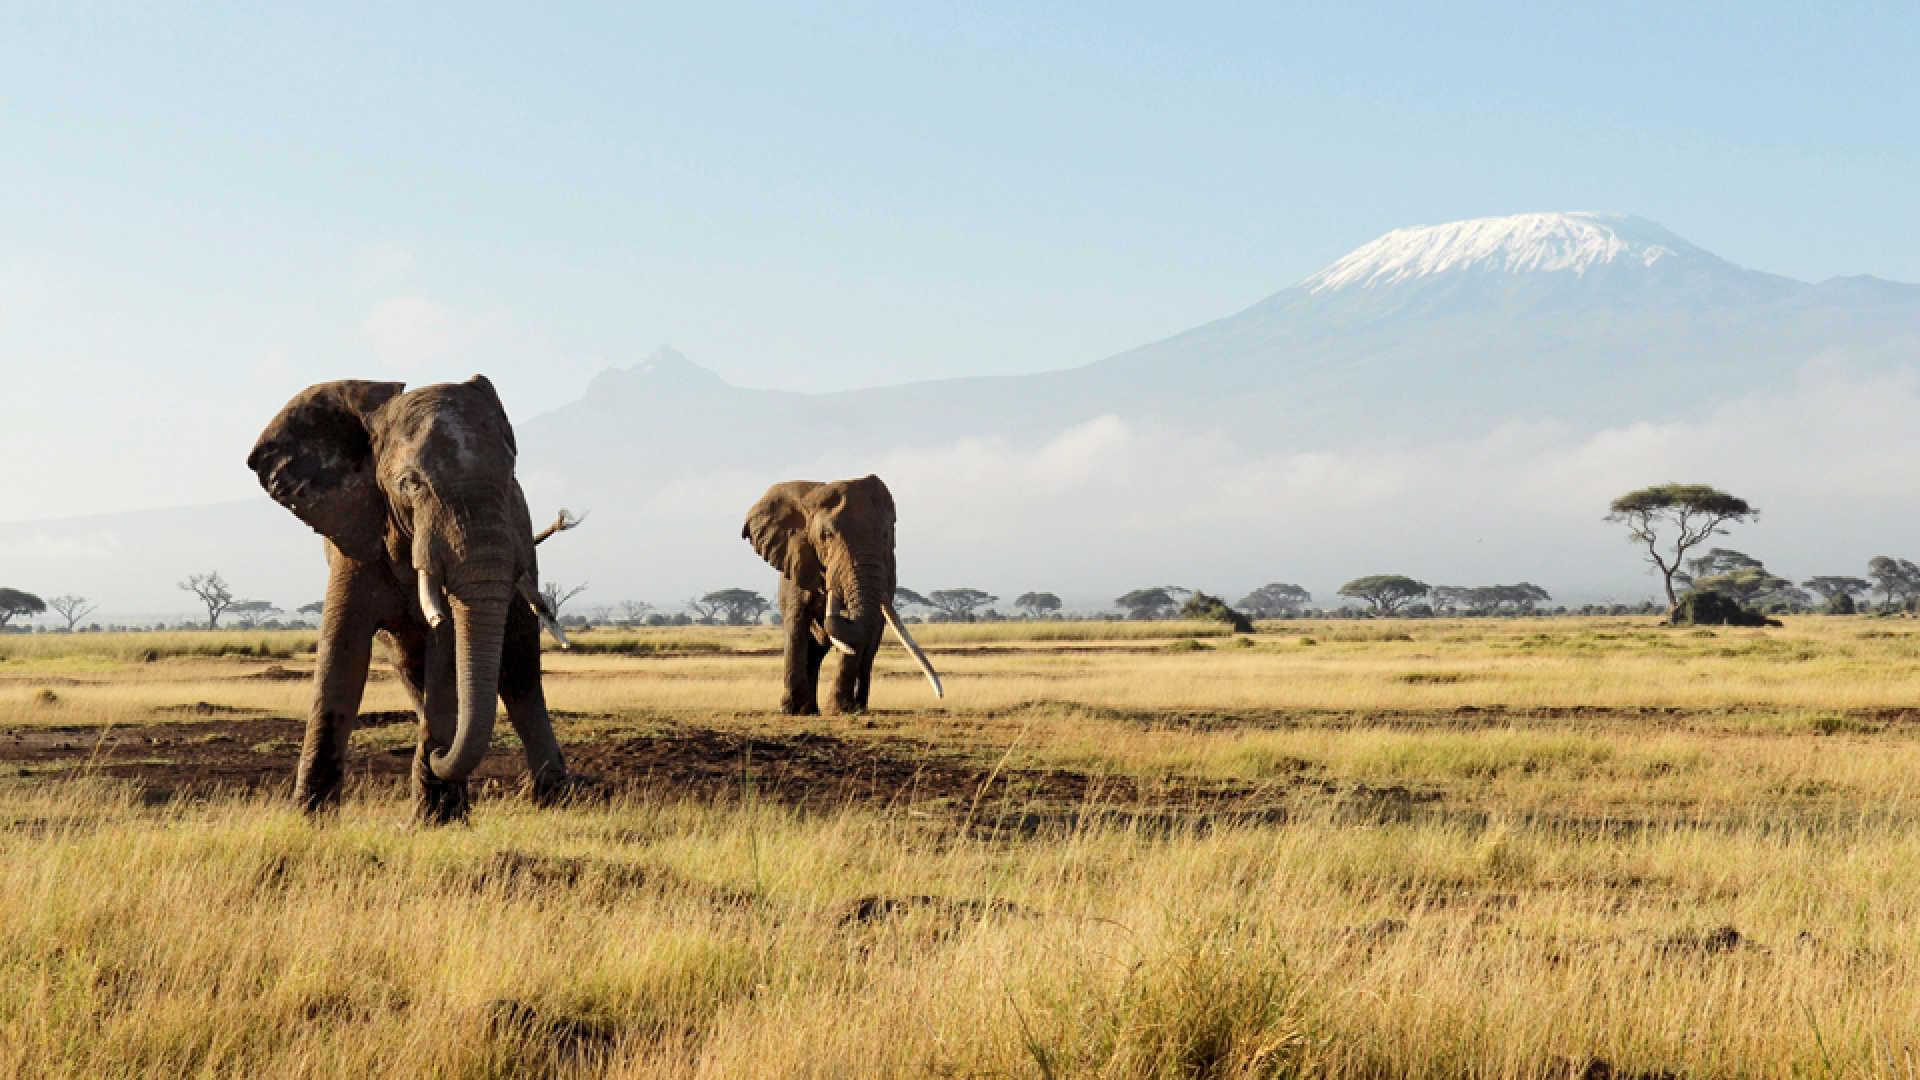 8-Day Trip to Kenya - Exploring Game Reserves, Big 5 Sighting 6